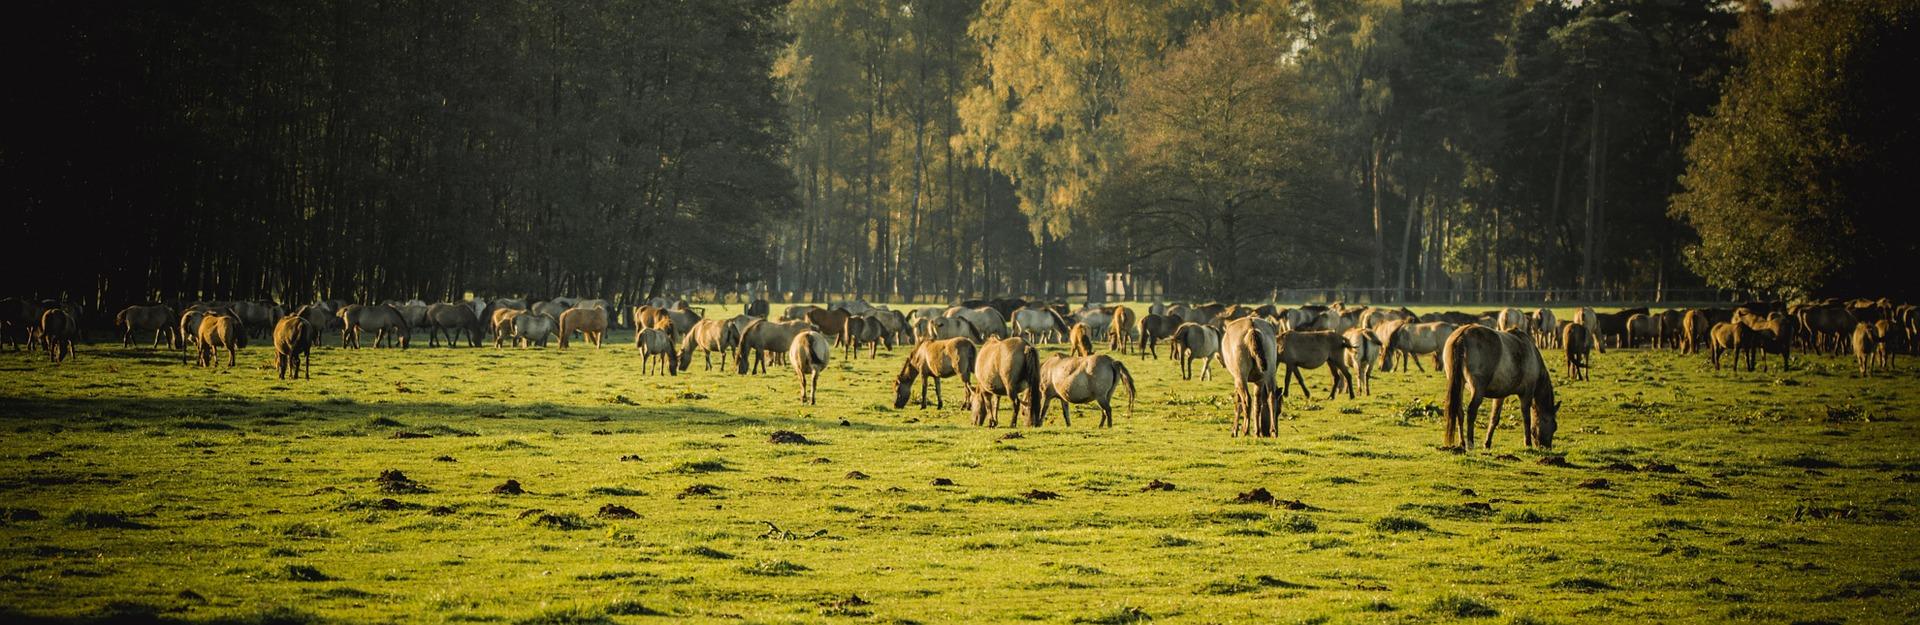 Koně na podzimní pastvě